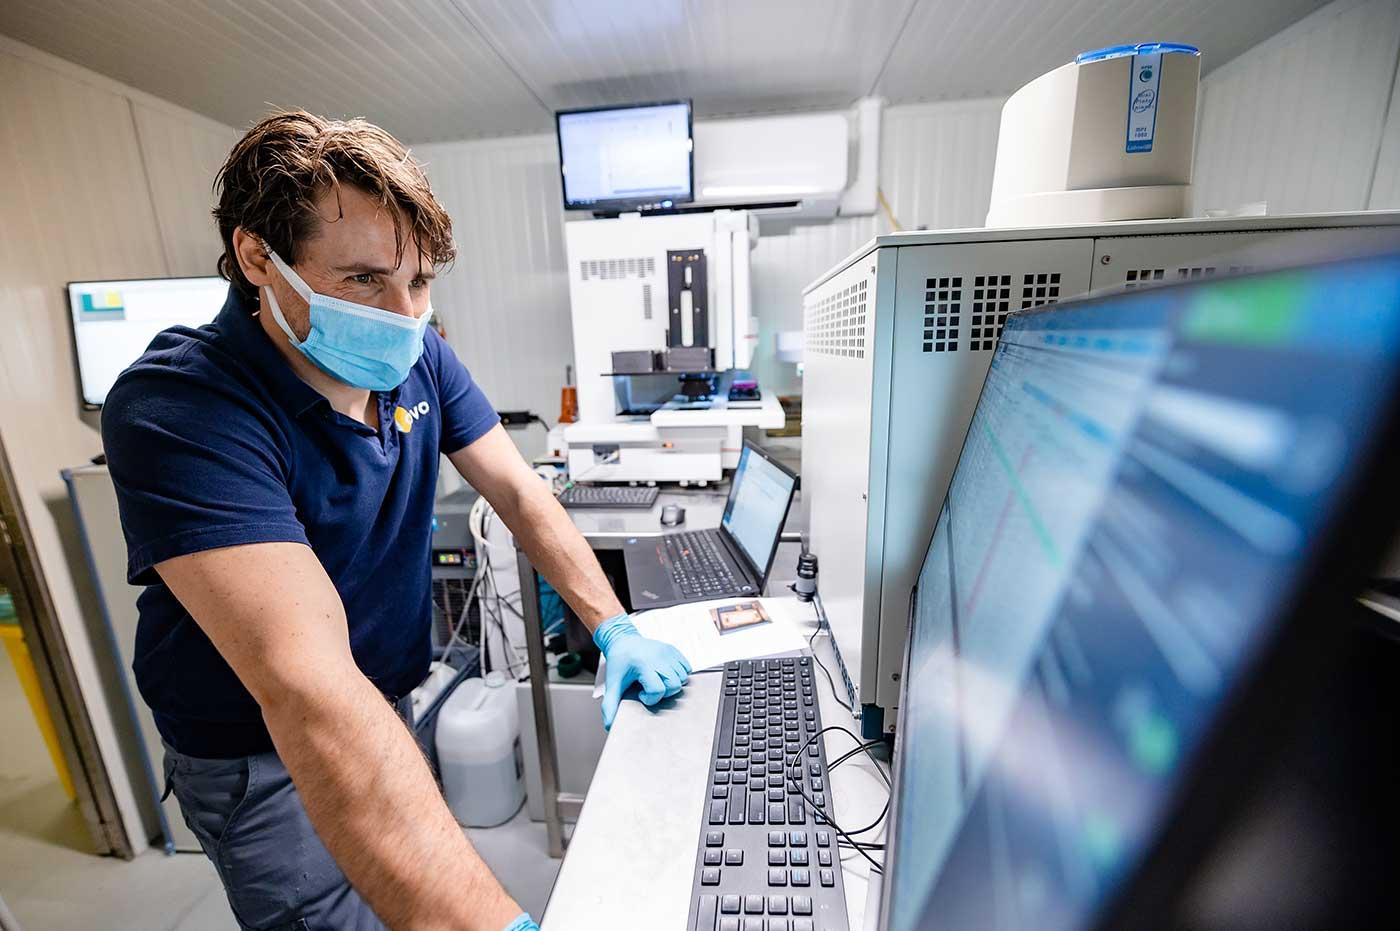 In Ovo eggspert Hugo checks mass spectrometry analyses